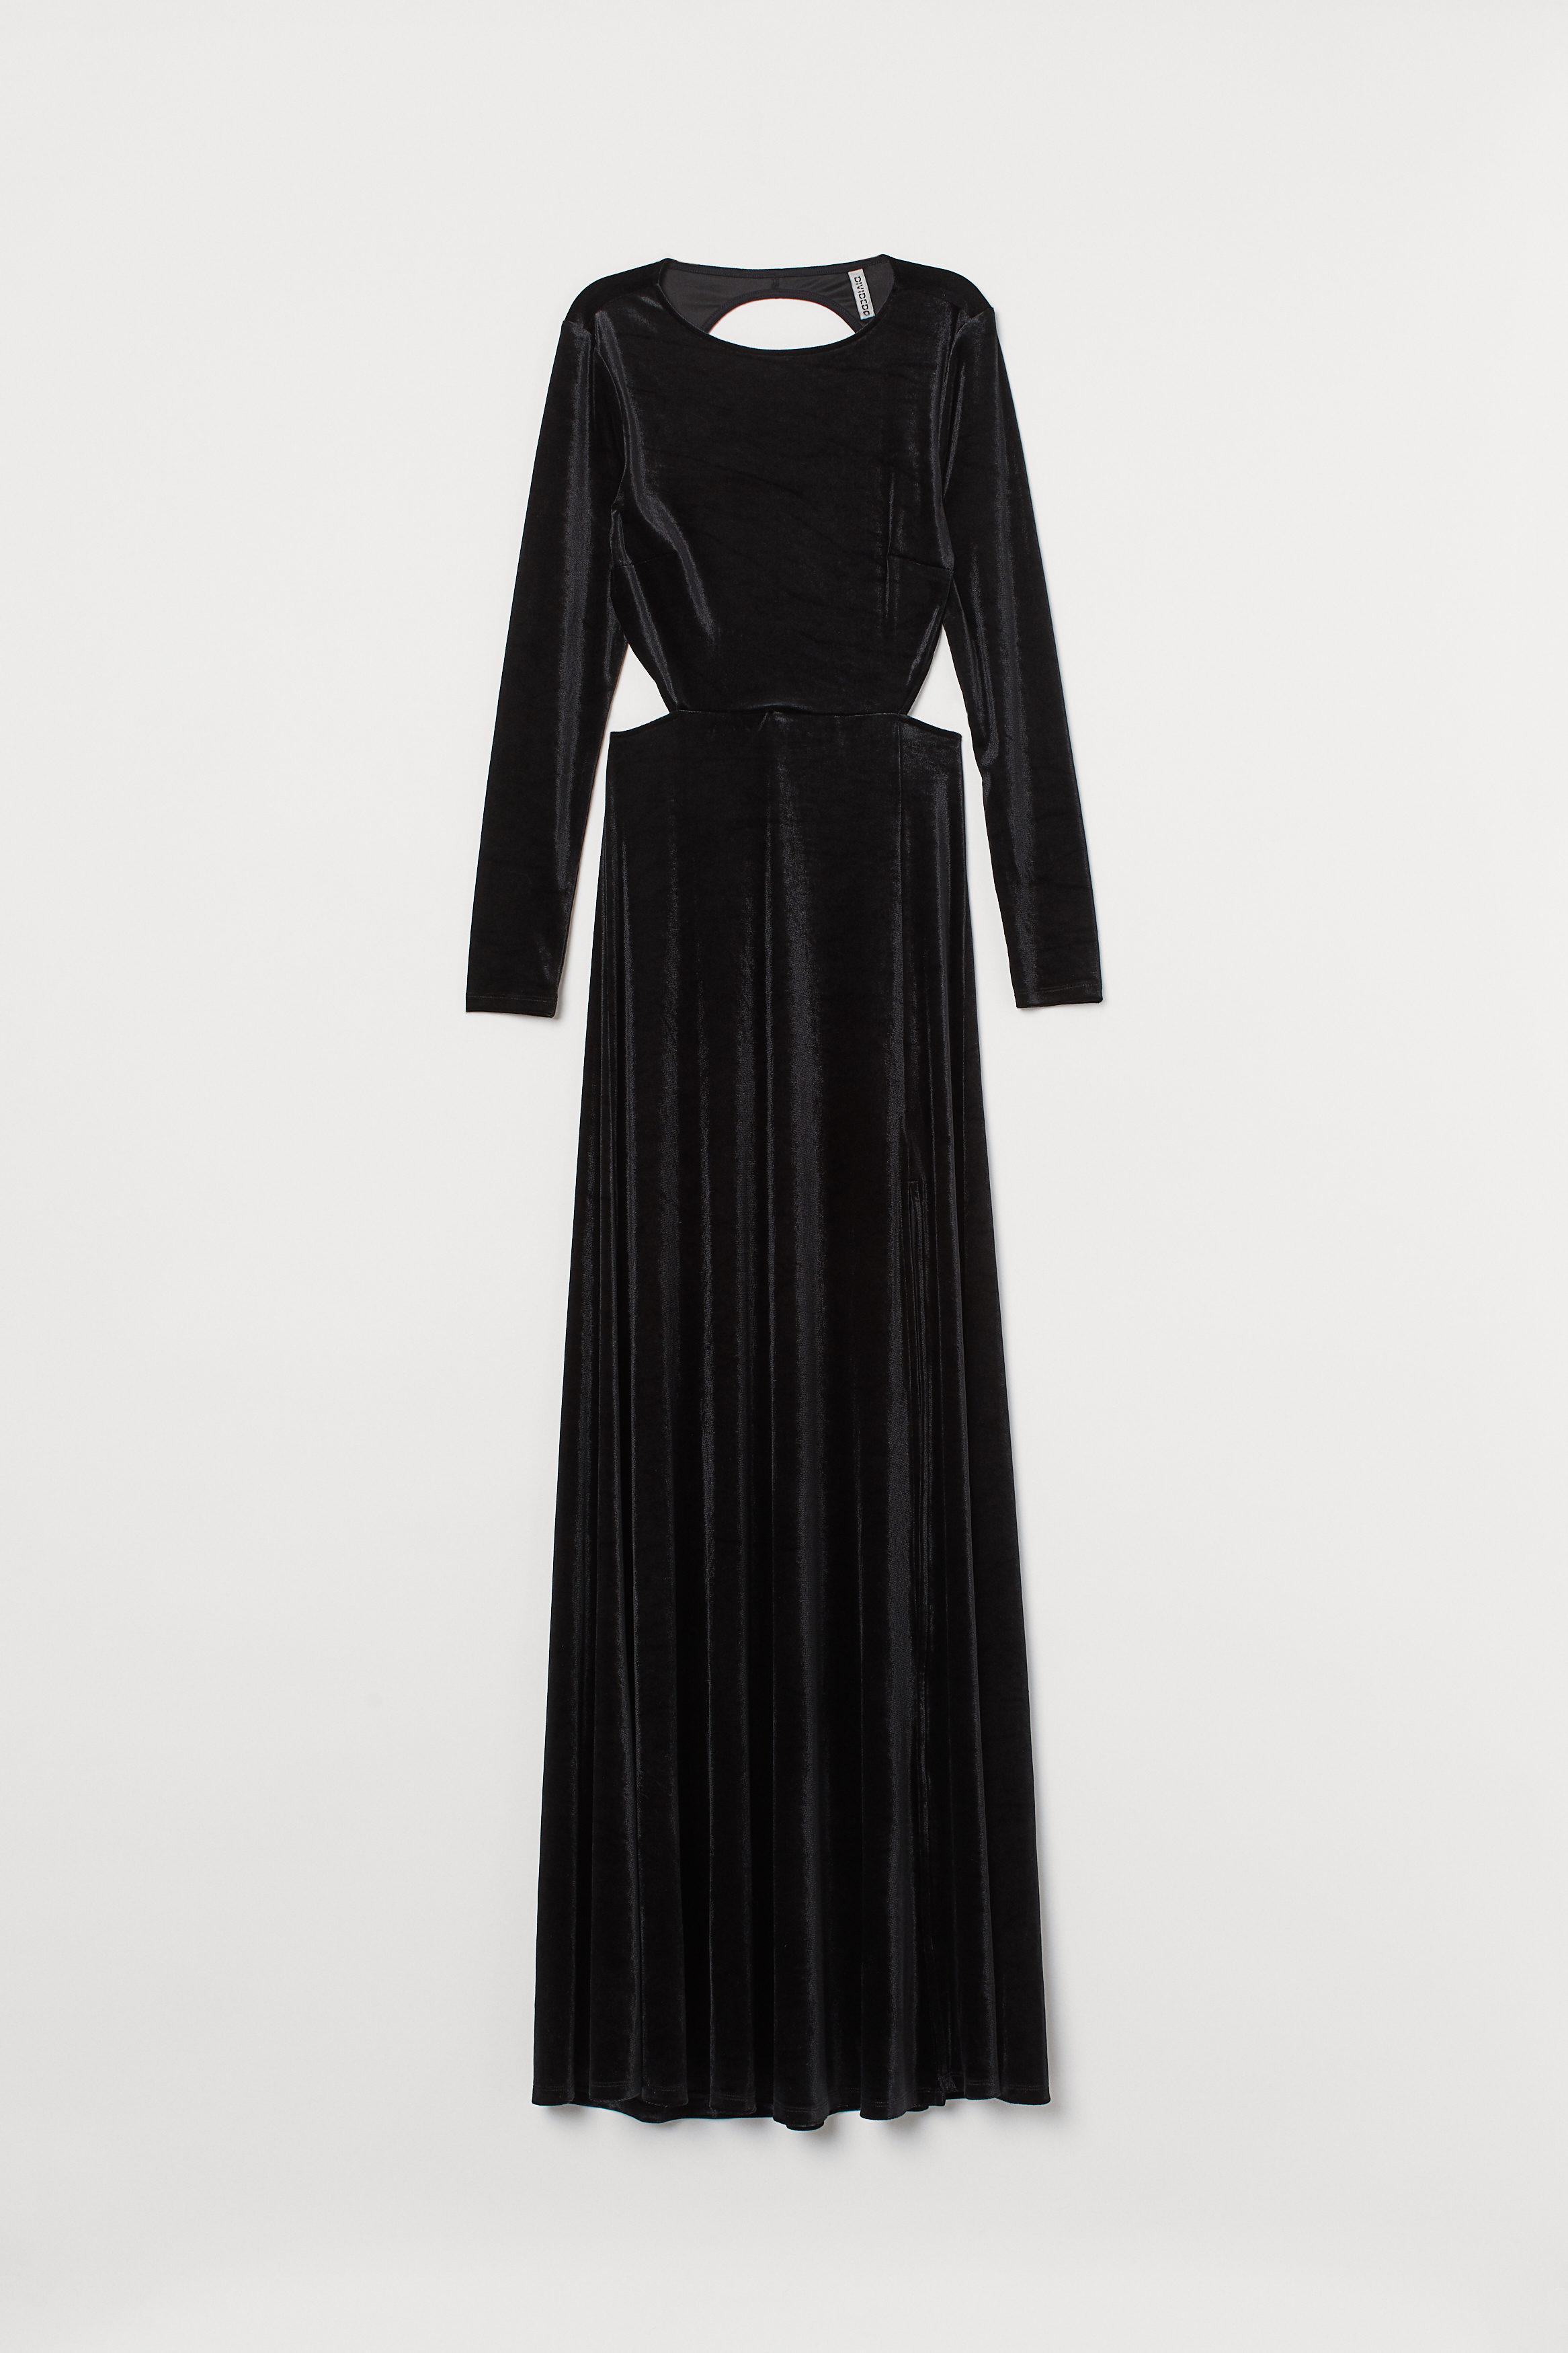 Ribbad Trikåklänning Svart | Upp till 70% |